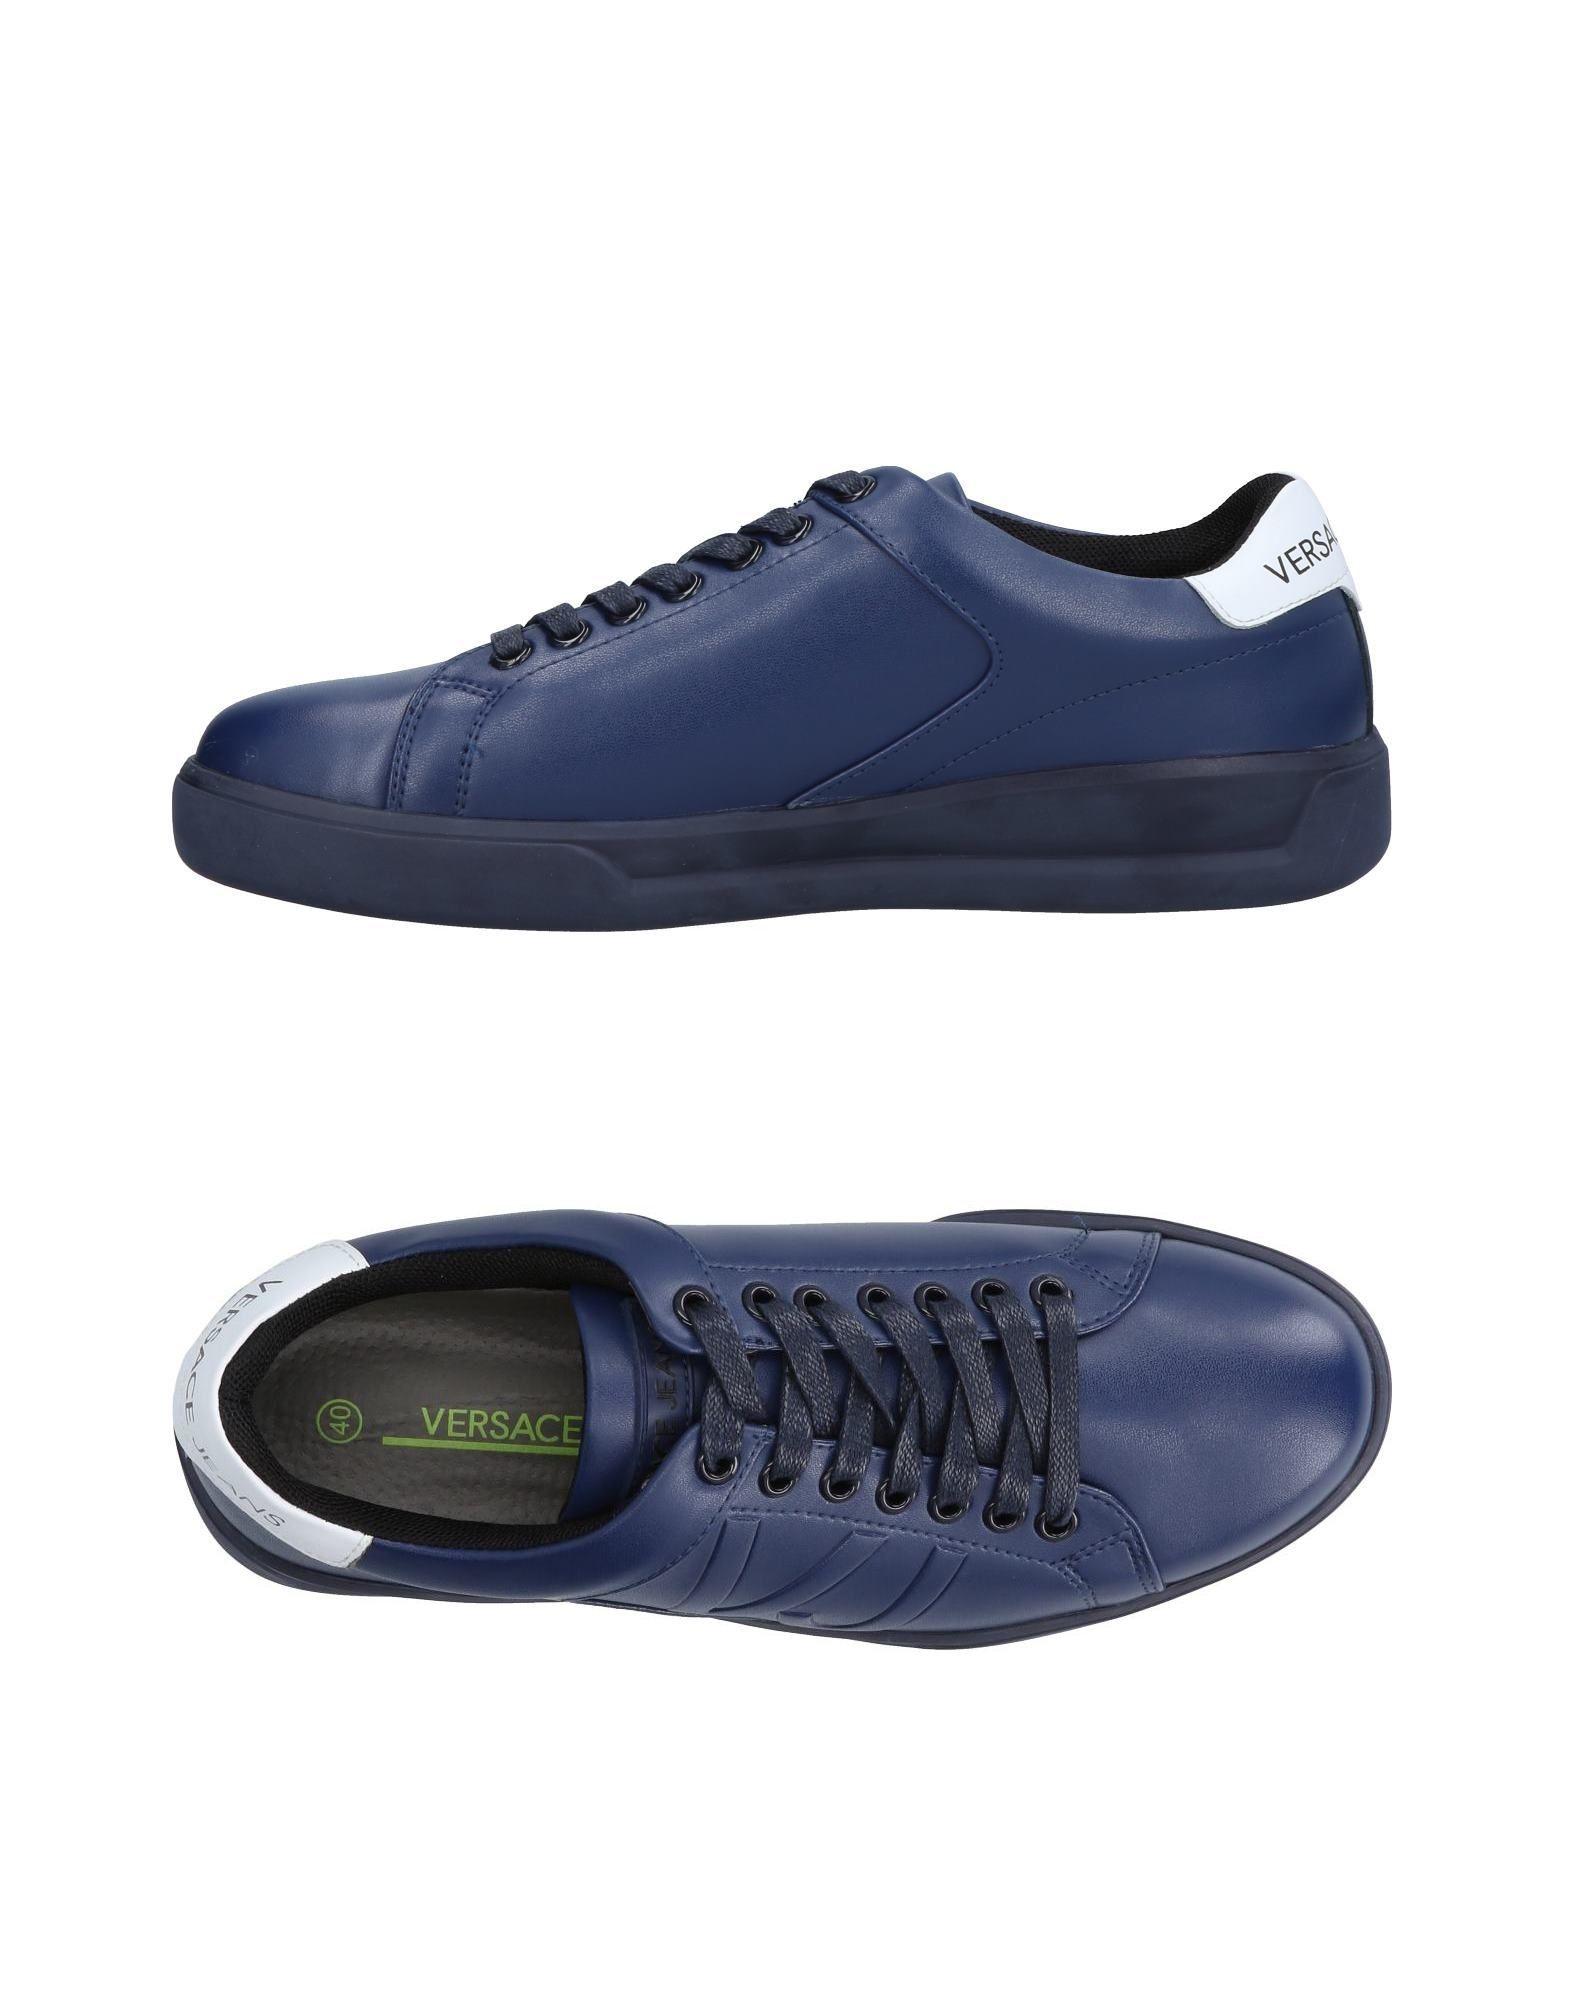 Scarpe da Ginnastica Versace Jeans Uomo 11463350EH - 11463350EH Uomo 30a172